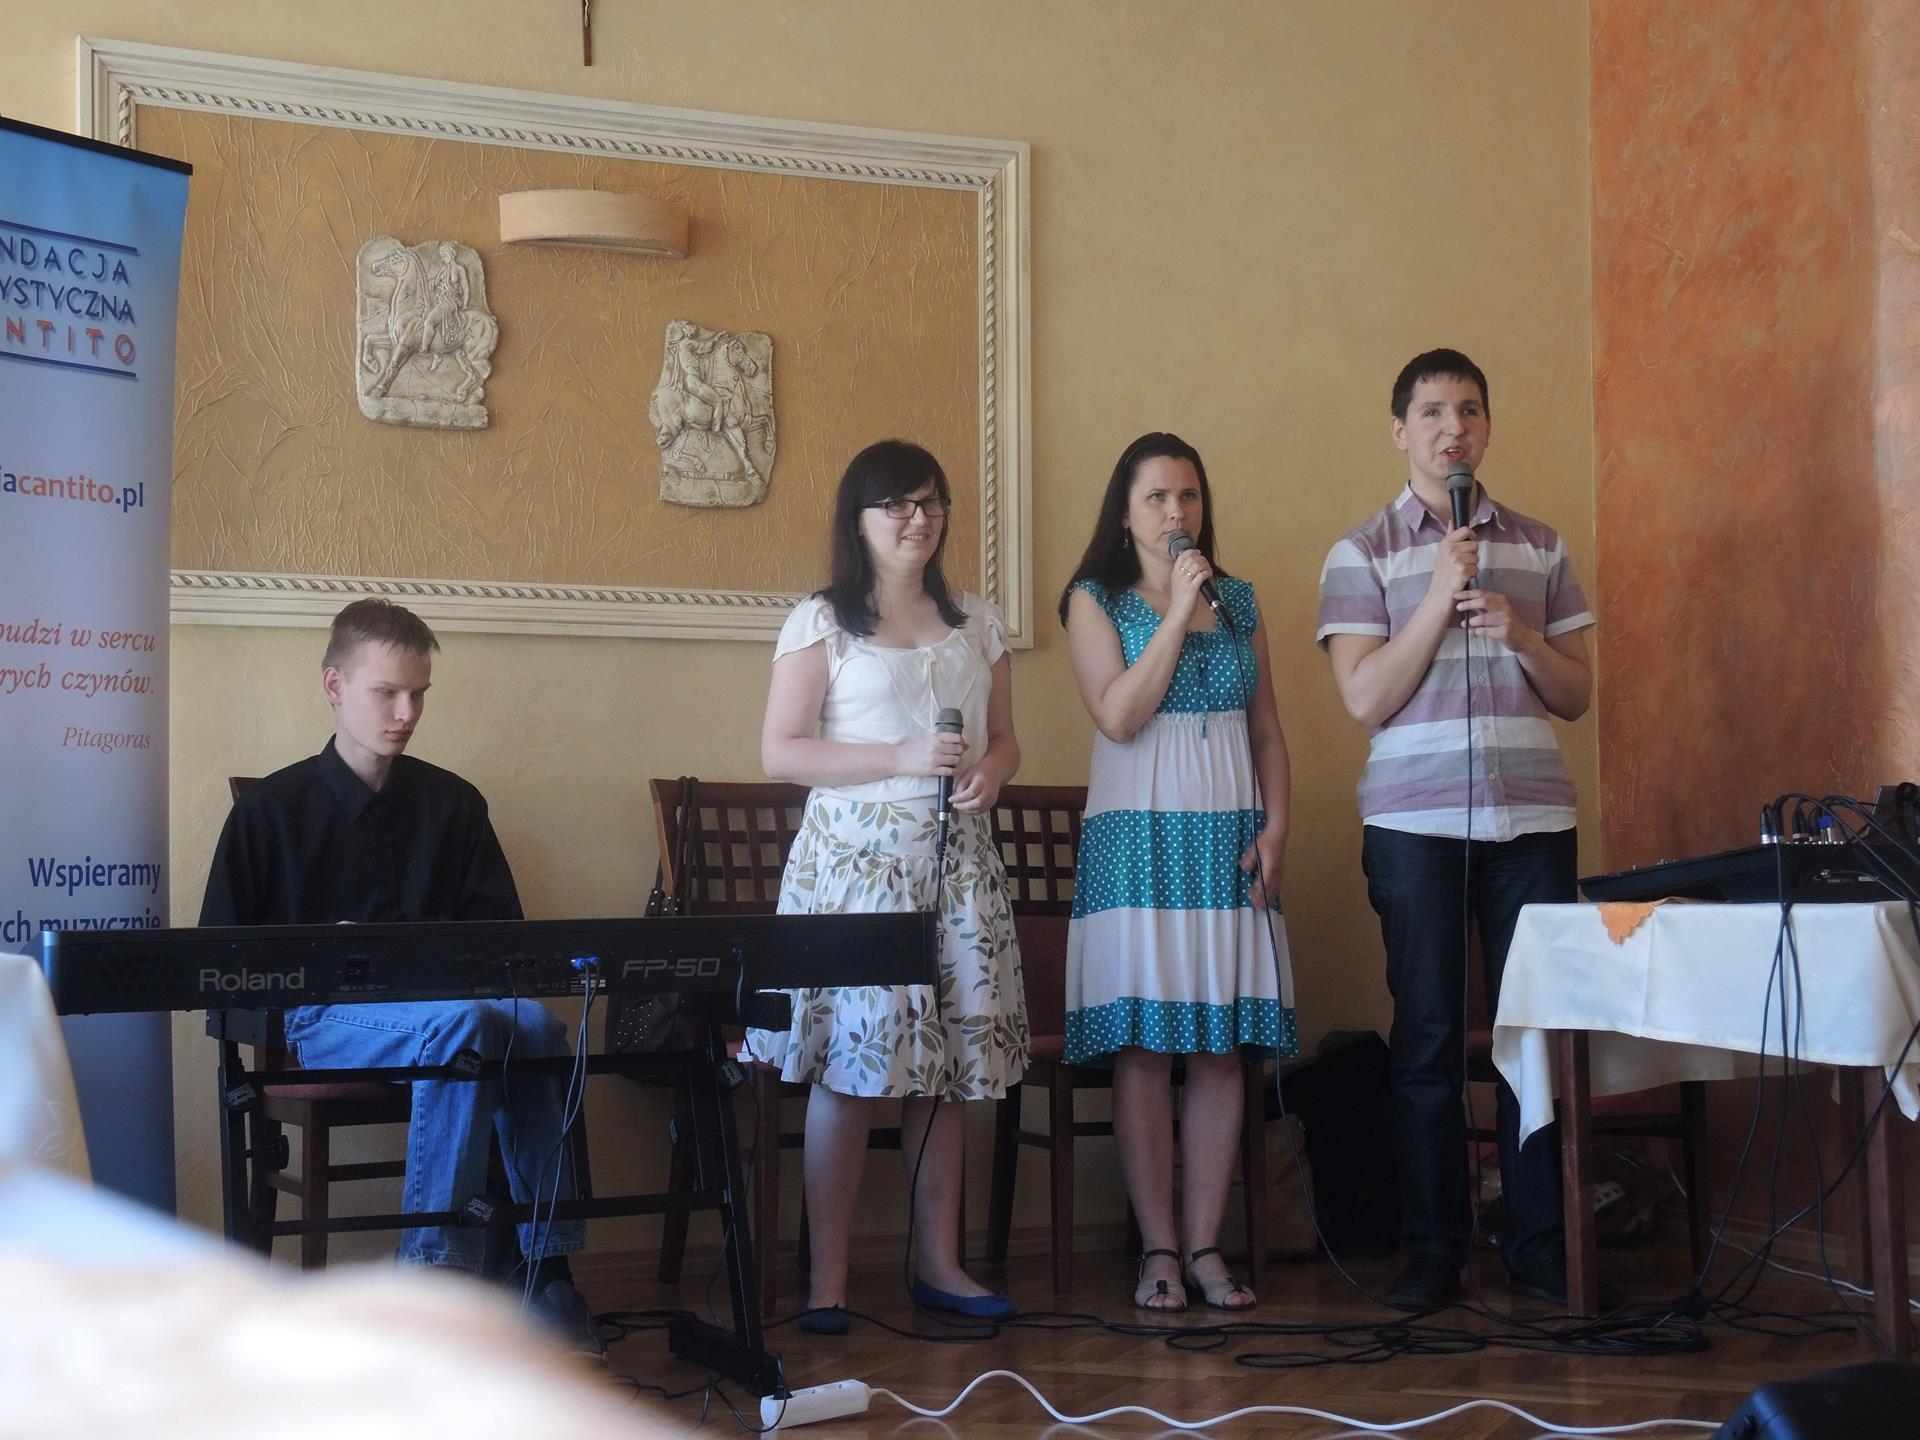 Trzy osoby (jeden mężczyzna, dwie kobiety) stoją, śpiewają. Po ich prawej stronie, przy klawiszach, siedzi mężczyzna. Po jego prawej stronie stoi fundacyjny rollup.